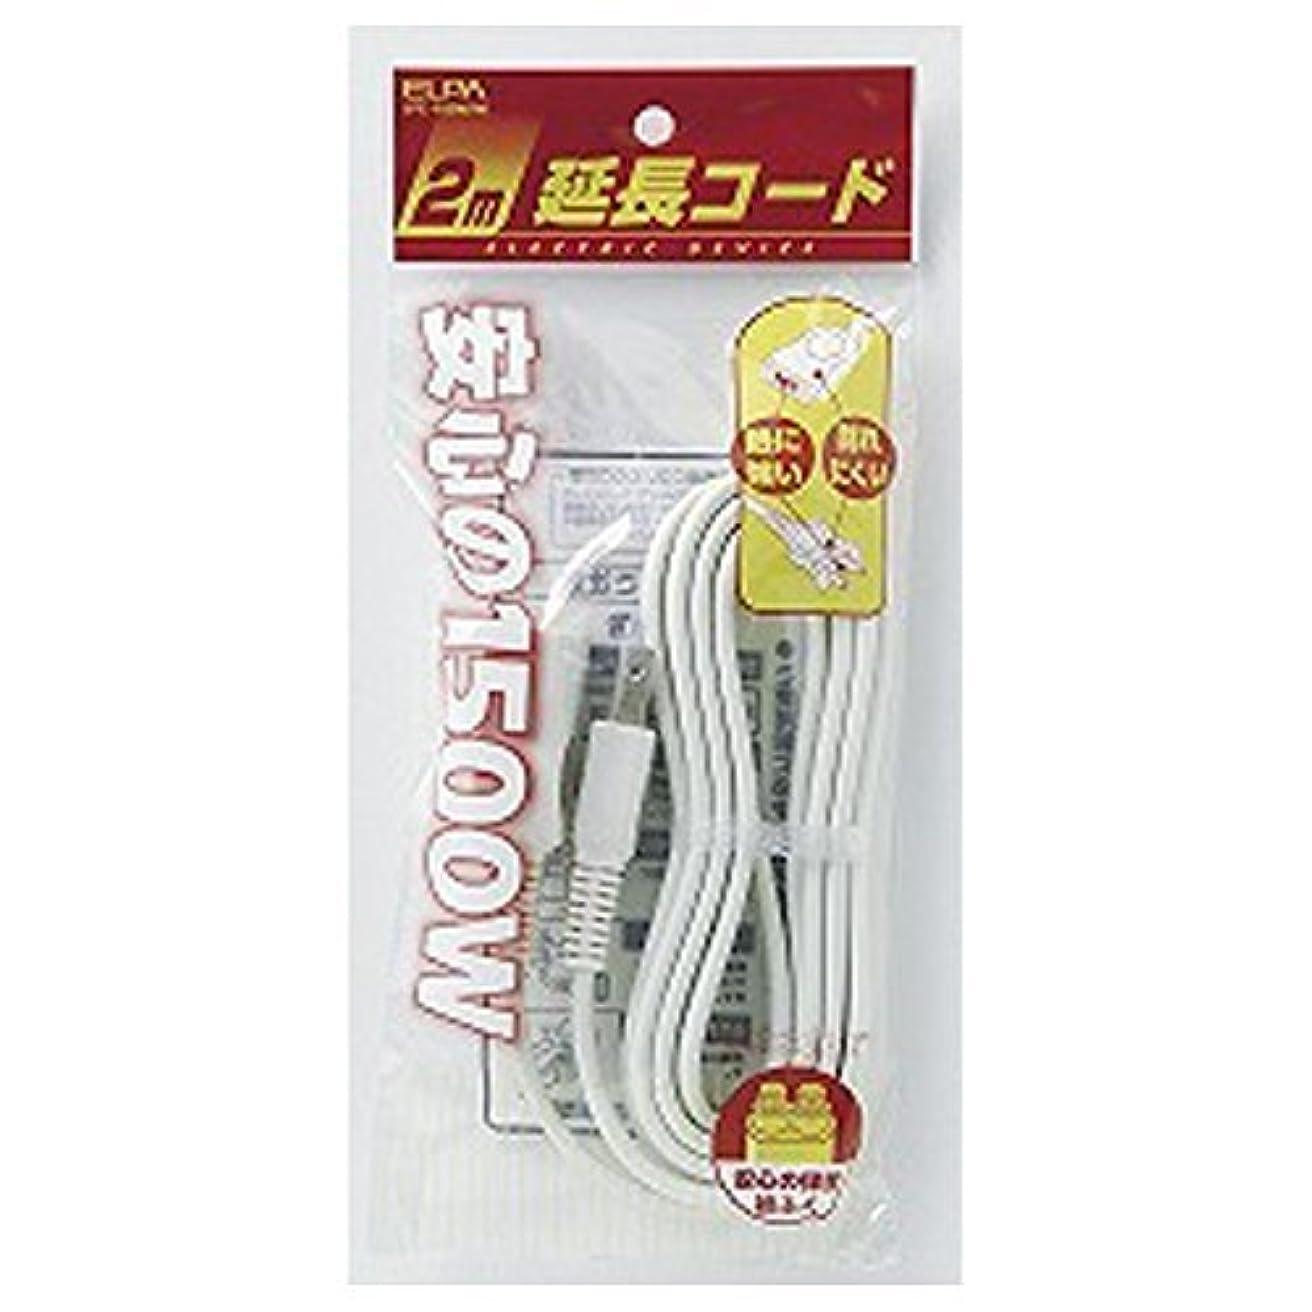 下るセラー茎ELPA 延長コード(1個口 2m) LPE-102N(W)